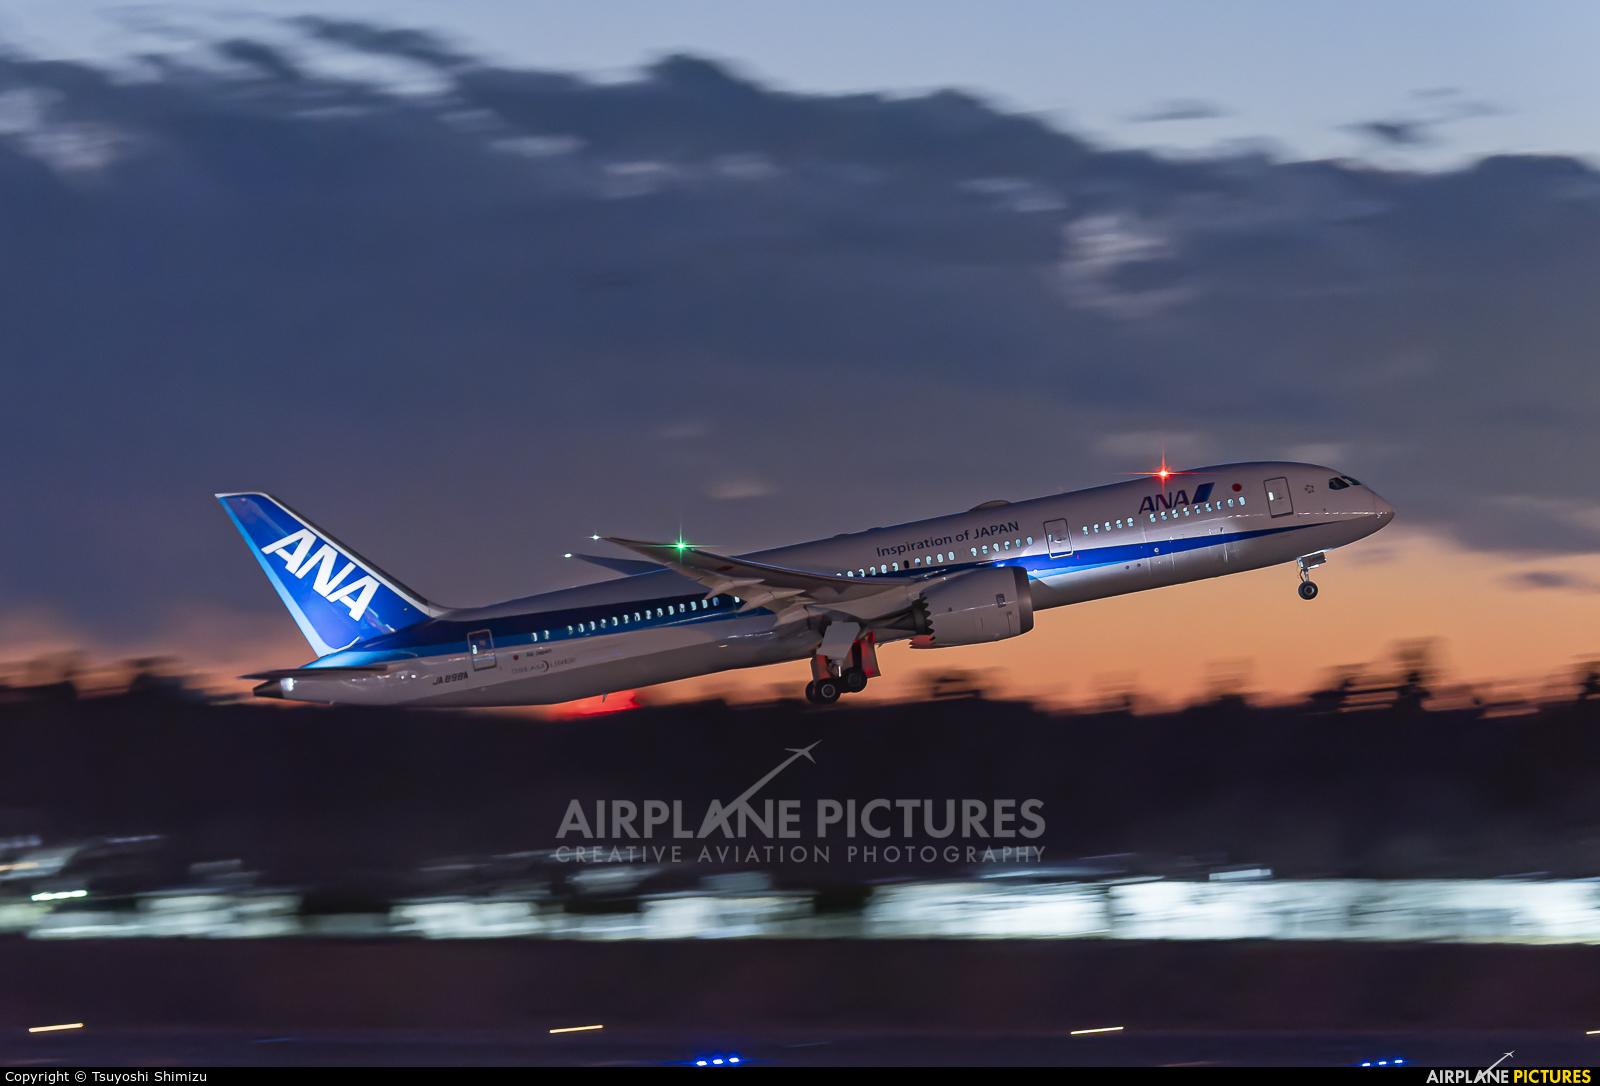 ANA - All Nippon Airways JA898A aircraft at Tokyo - Narita Intl